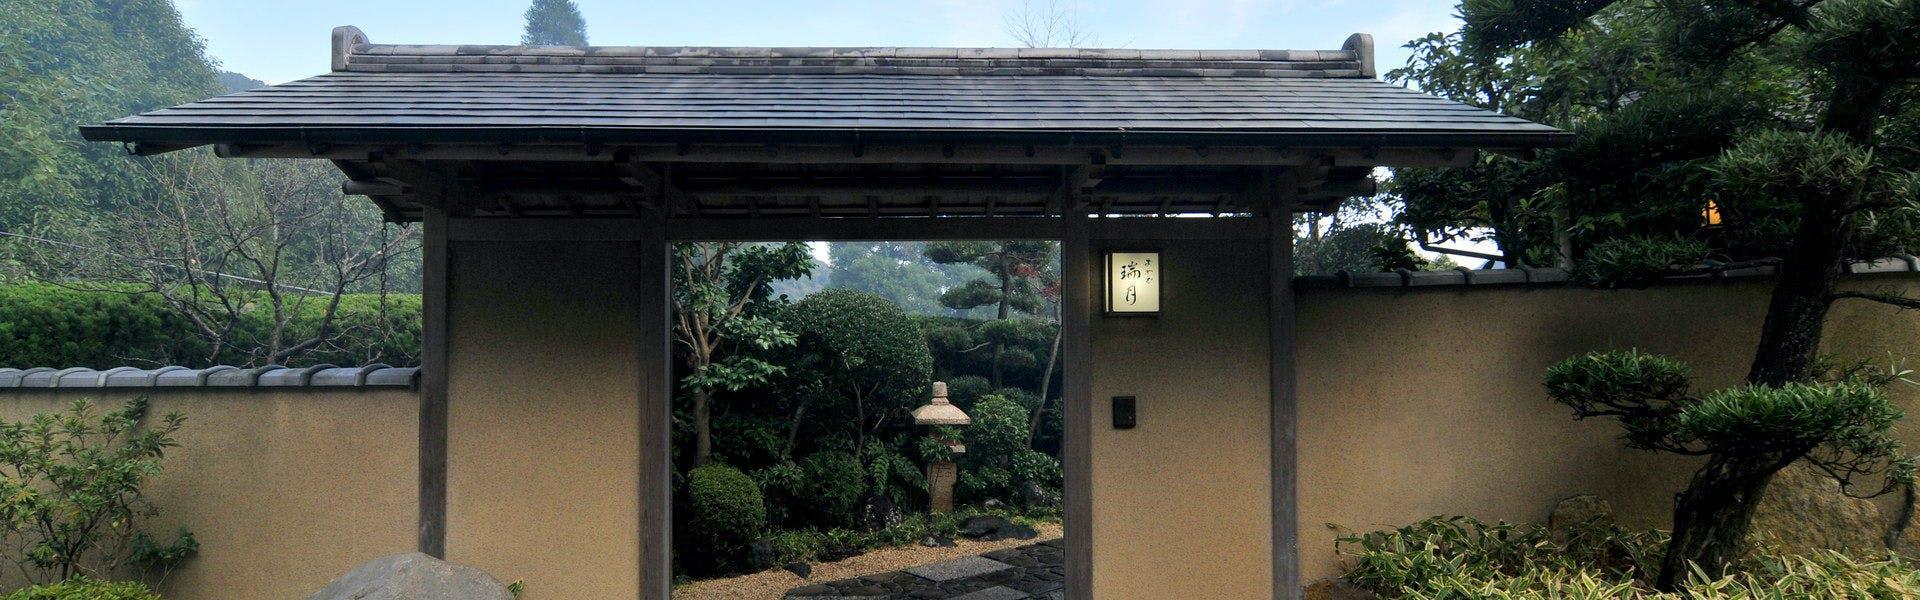 記念日におすすめのホテル・湯河原温泉 美食の宿 おやど瑞月の写真1